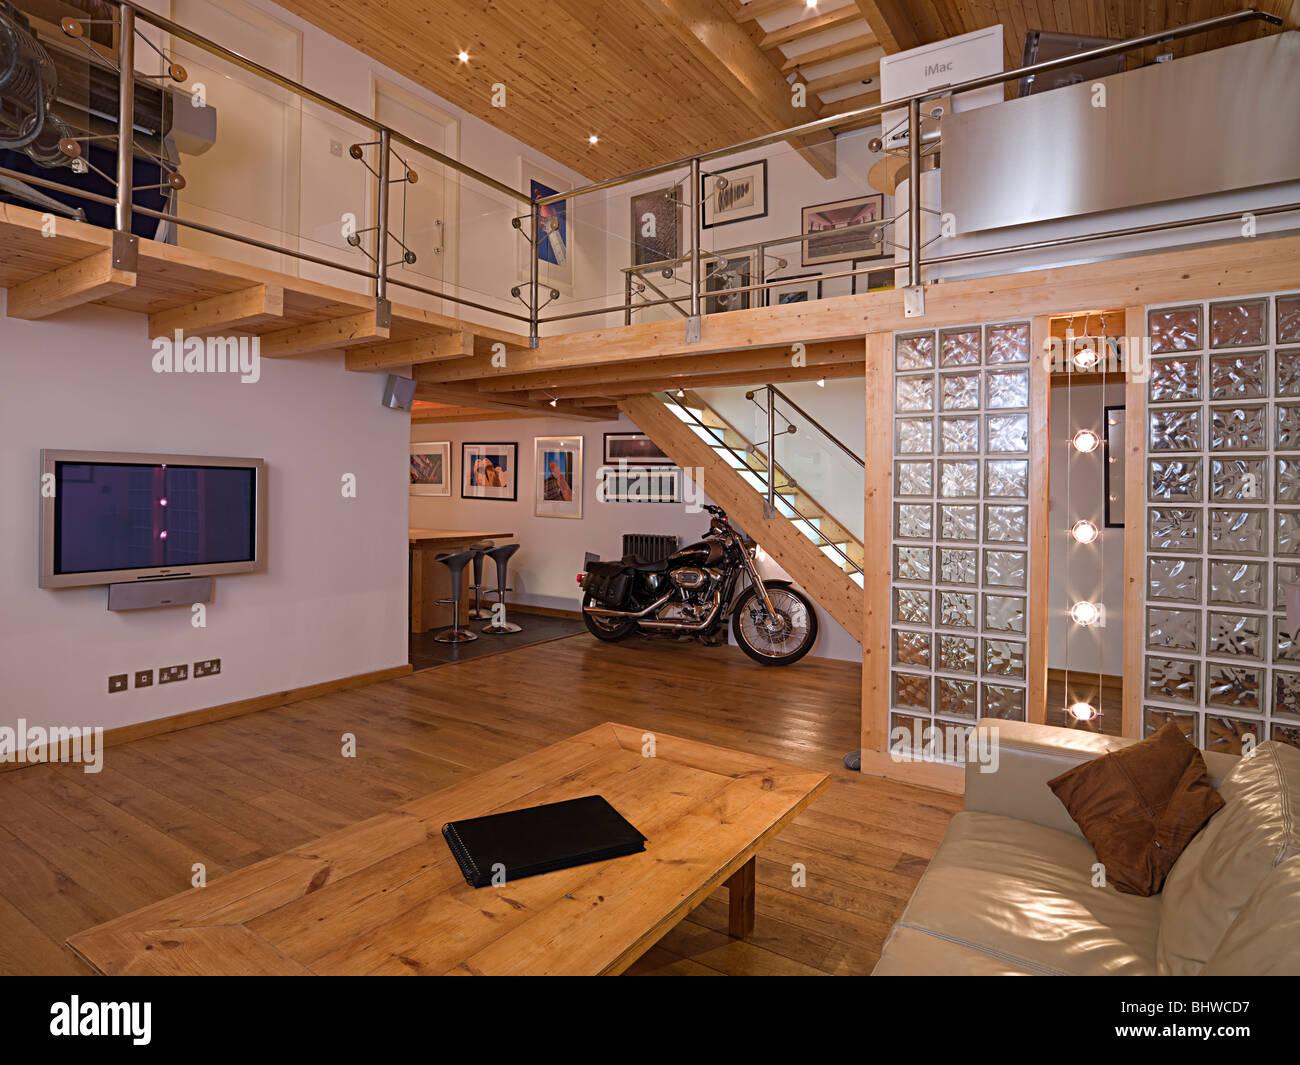 Moderne zeitgenössische Wohnzimmer mit Mezzanine Balkon und Harley ...